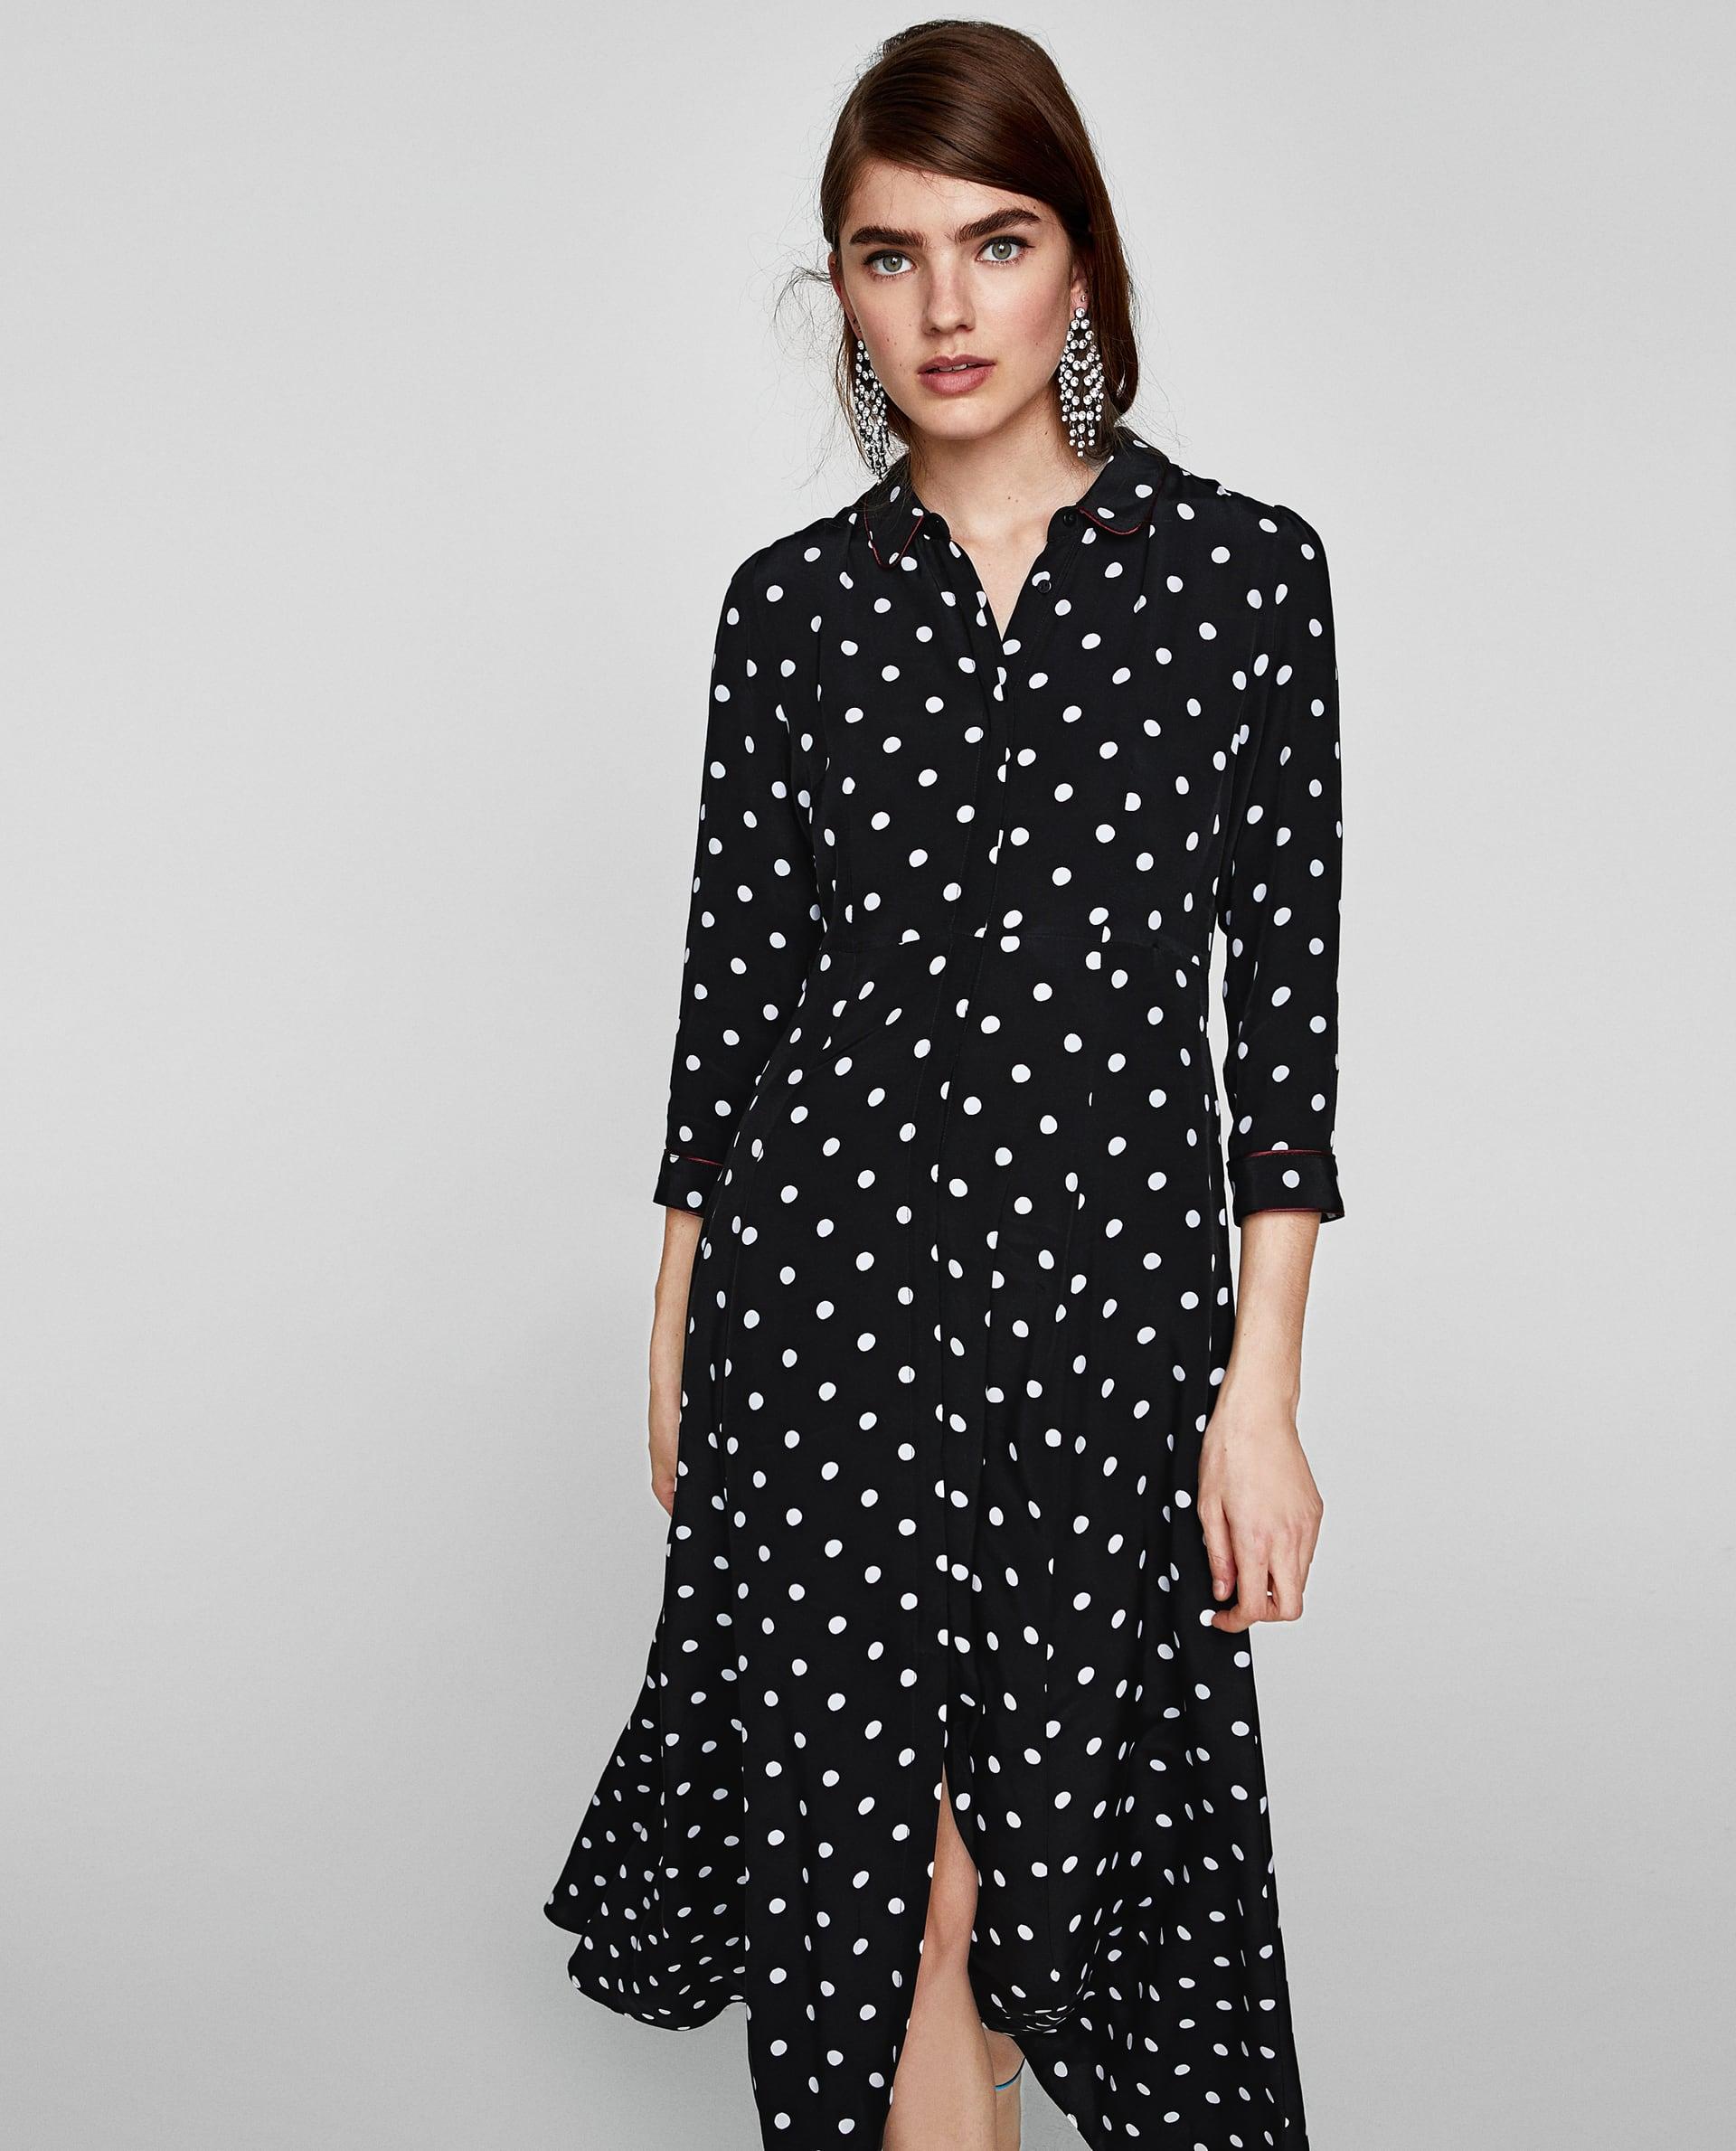 Vestito lungo chemisier a pois Zara collezione primavera estate 2018